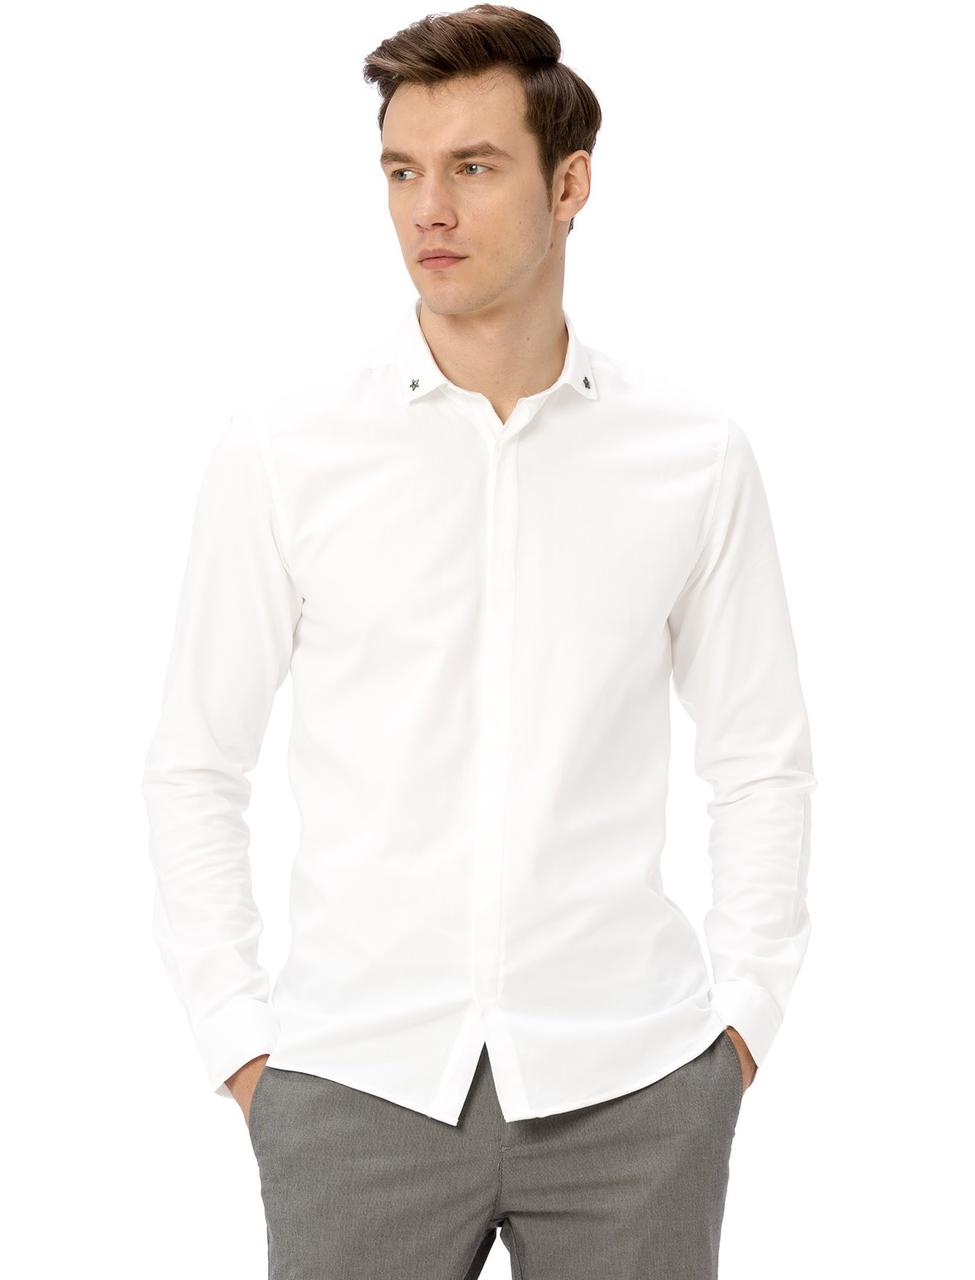 Біла чоловіча сорочка LC Waikiki / ЛЗ Вайкікі